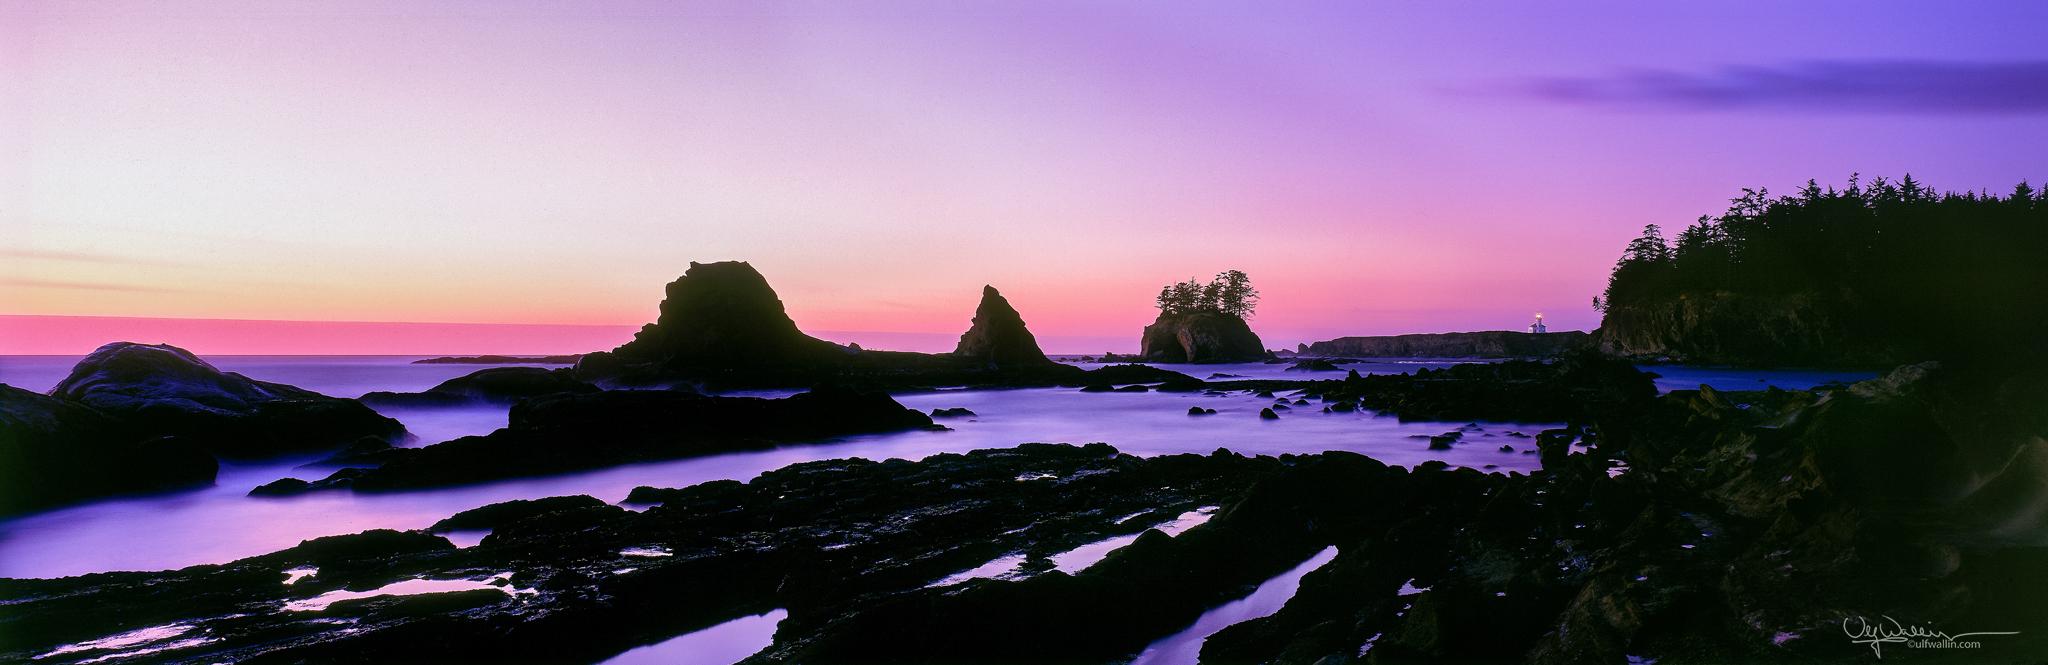 Oregon Coast - Dusk